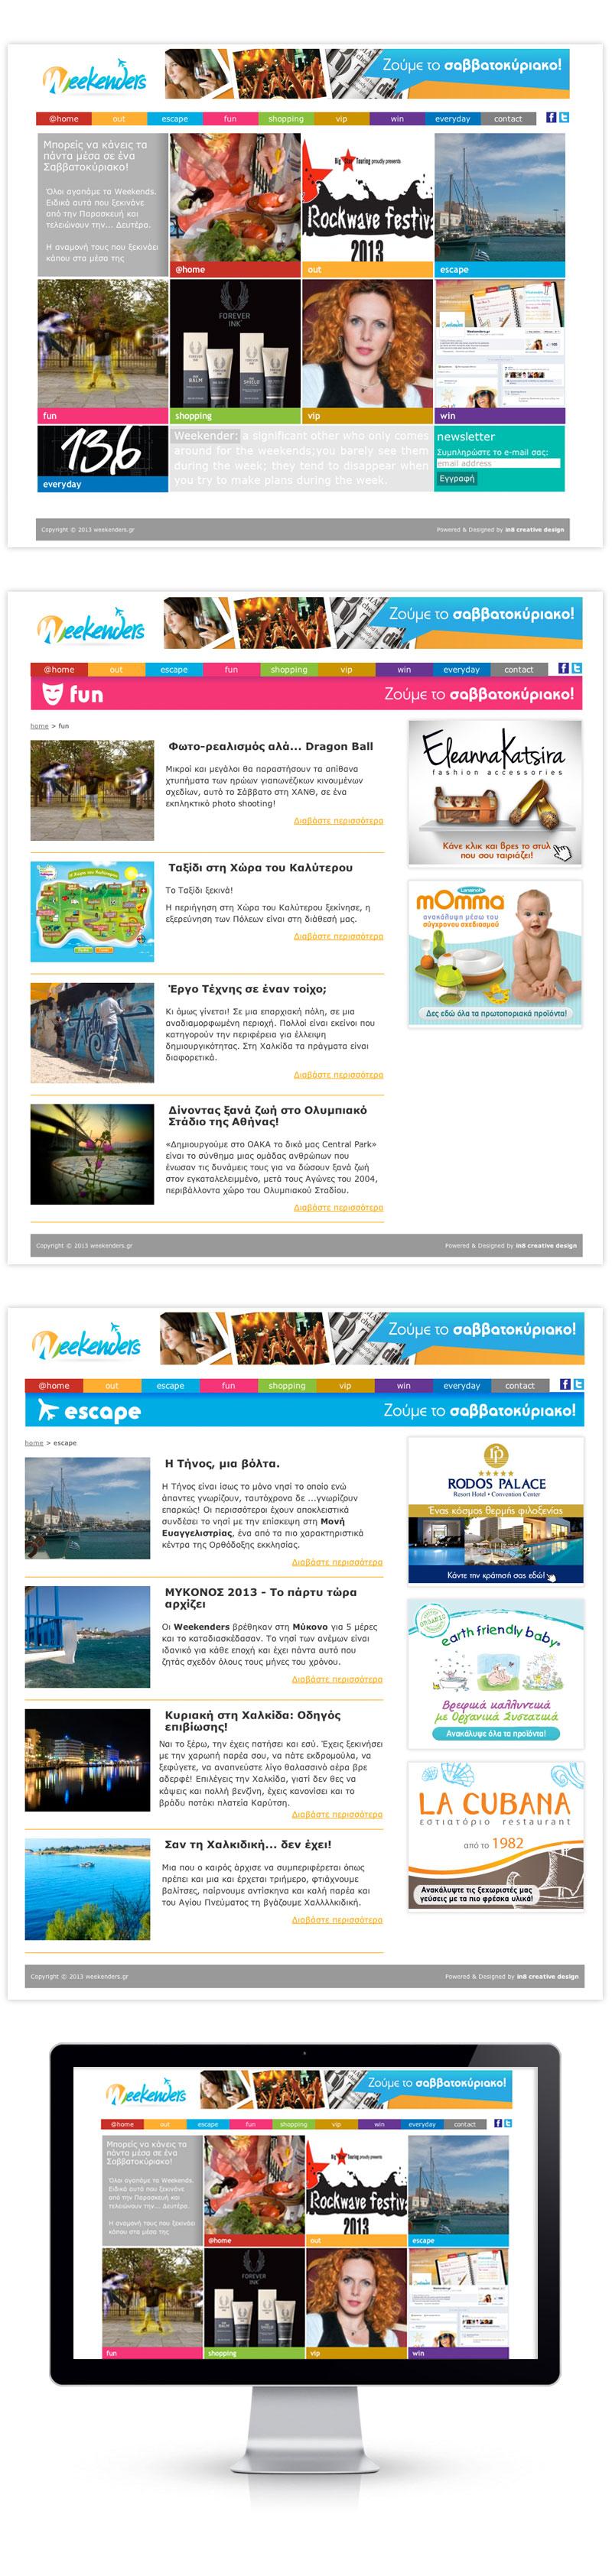 Weekenders_site_in8